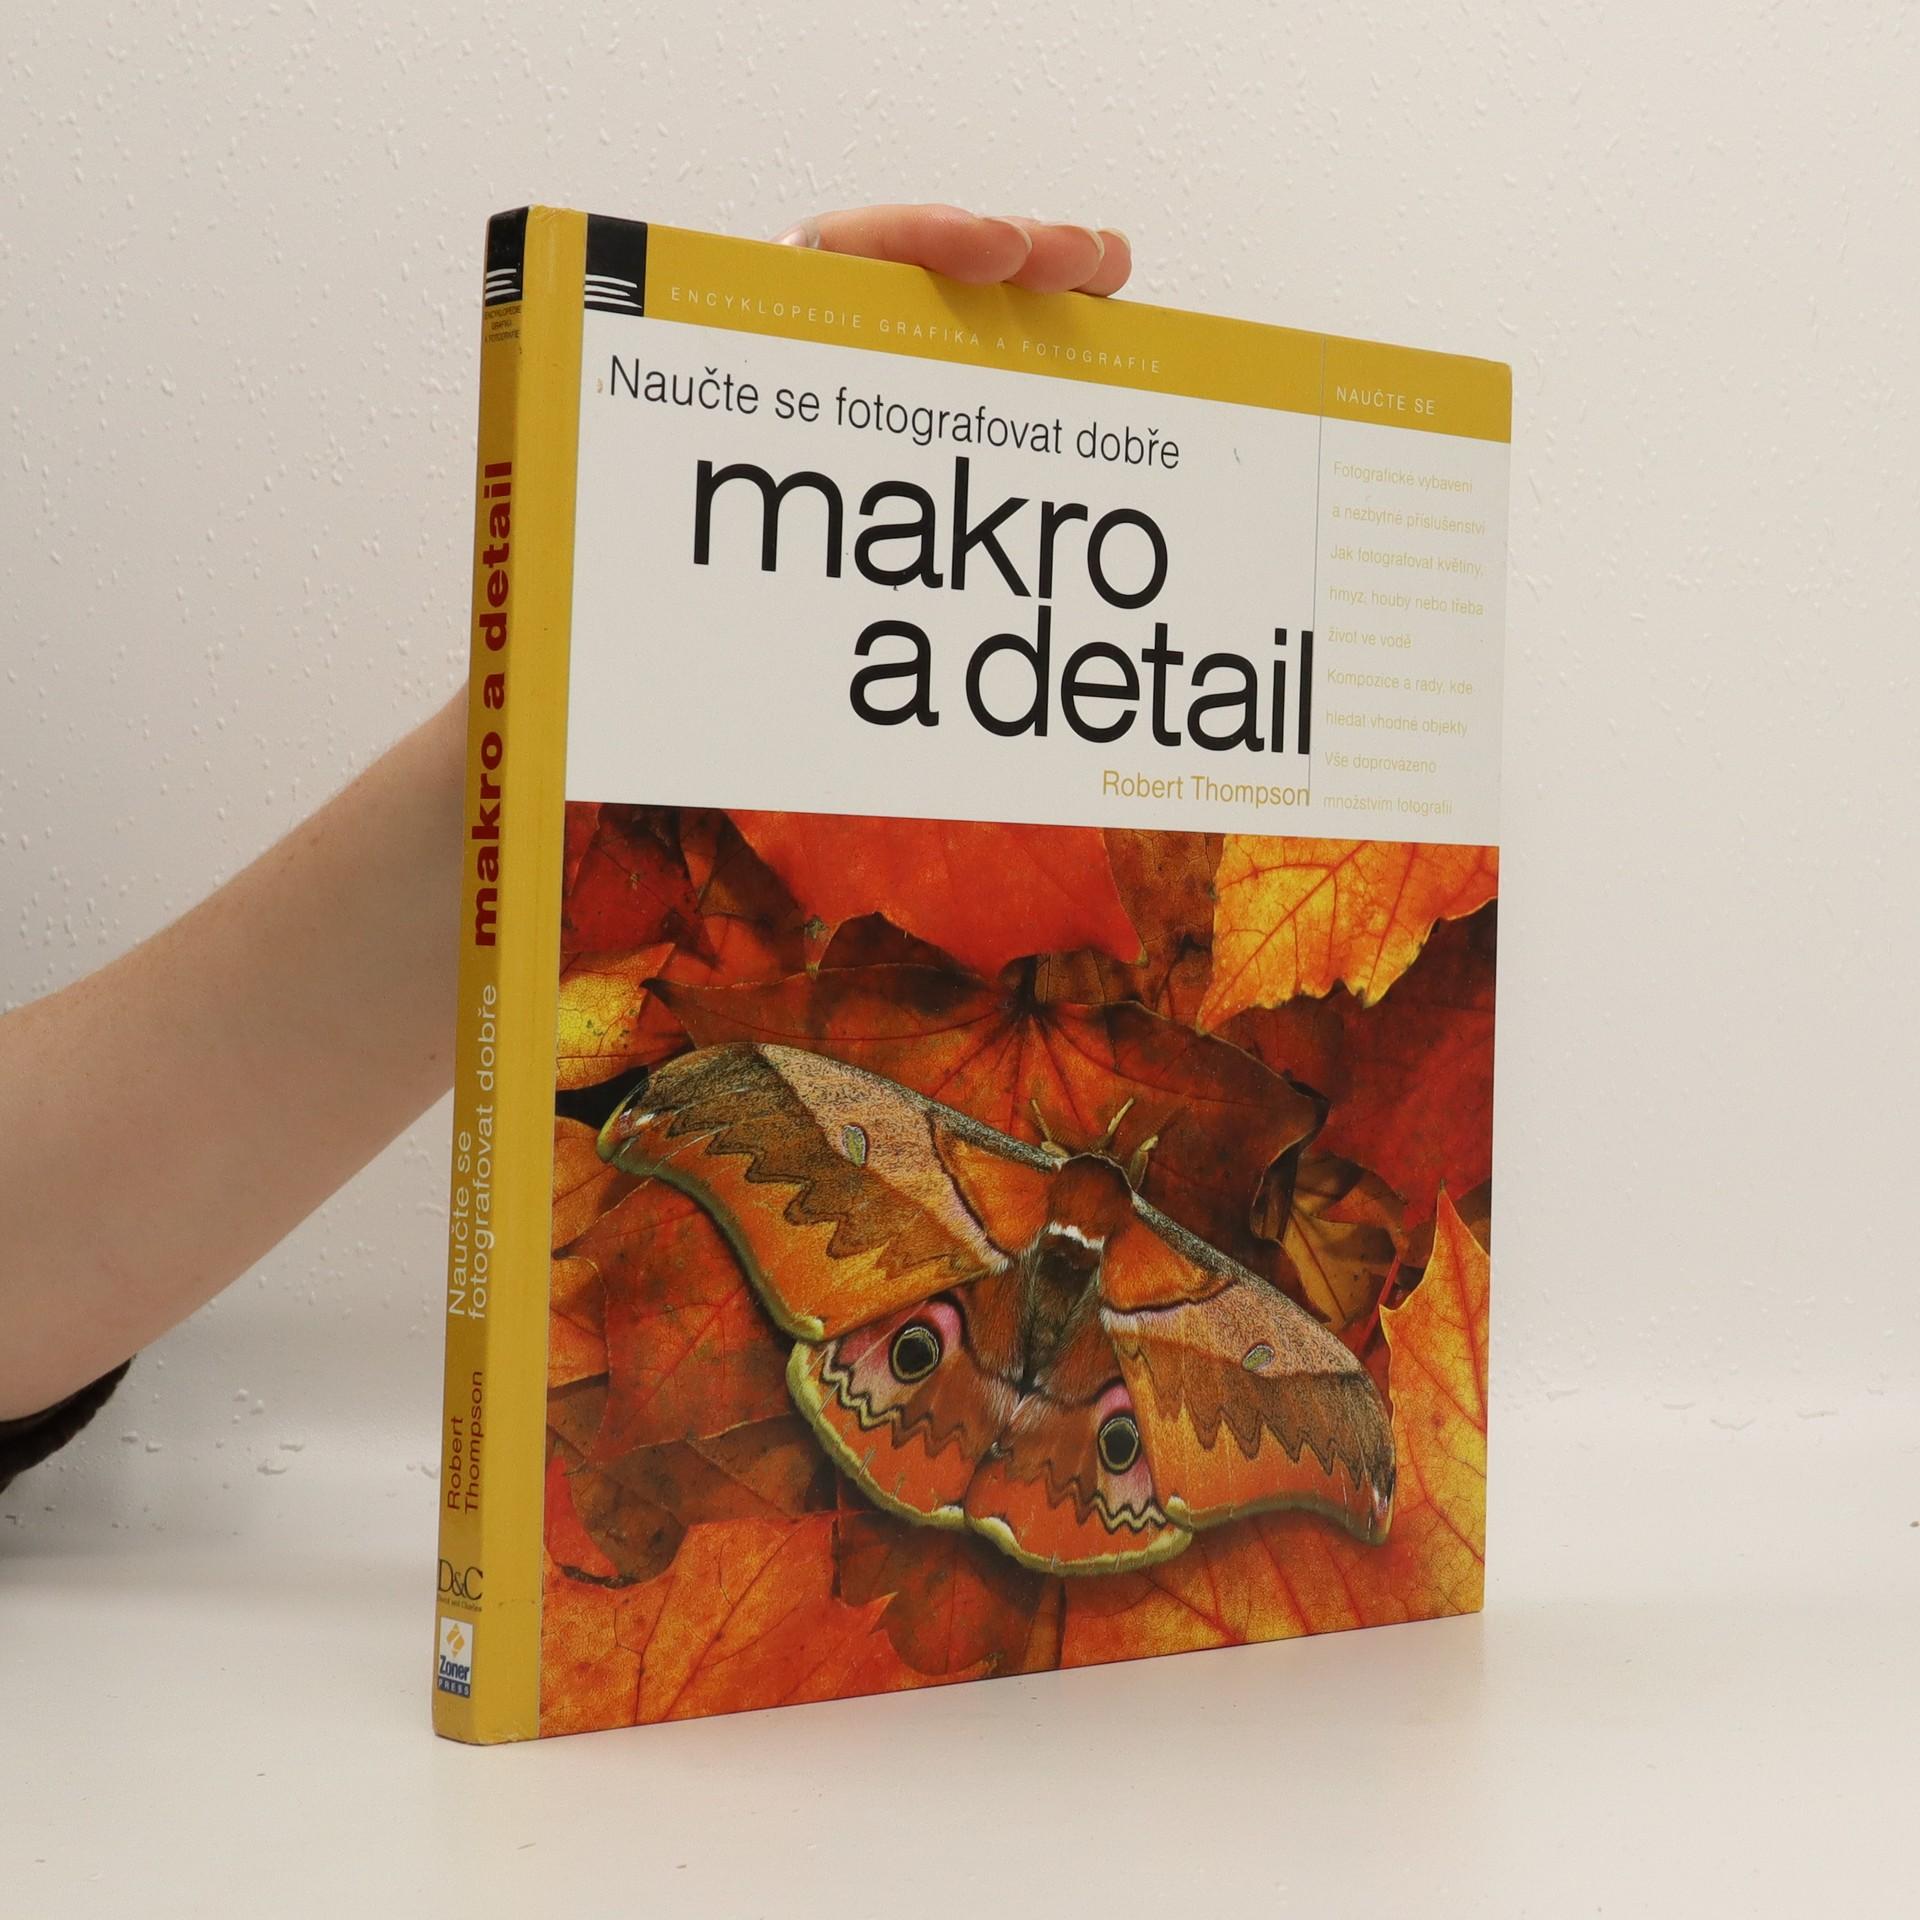 antikvární kniha Naučte se fotografovat dobře makro a detail, 2006